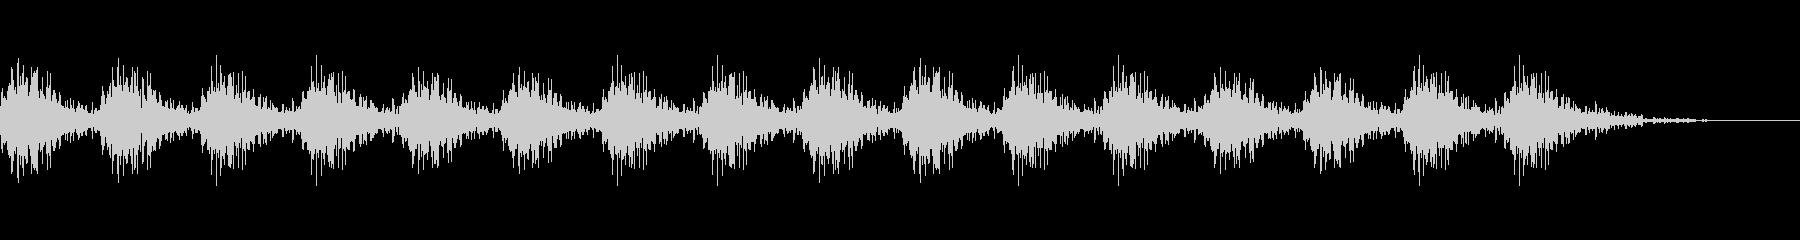 どんどん(巨人、速歩き)A02の未再生の波形